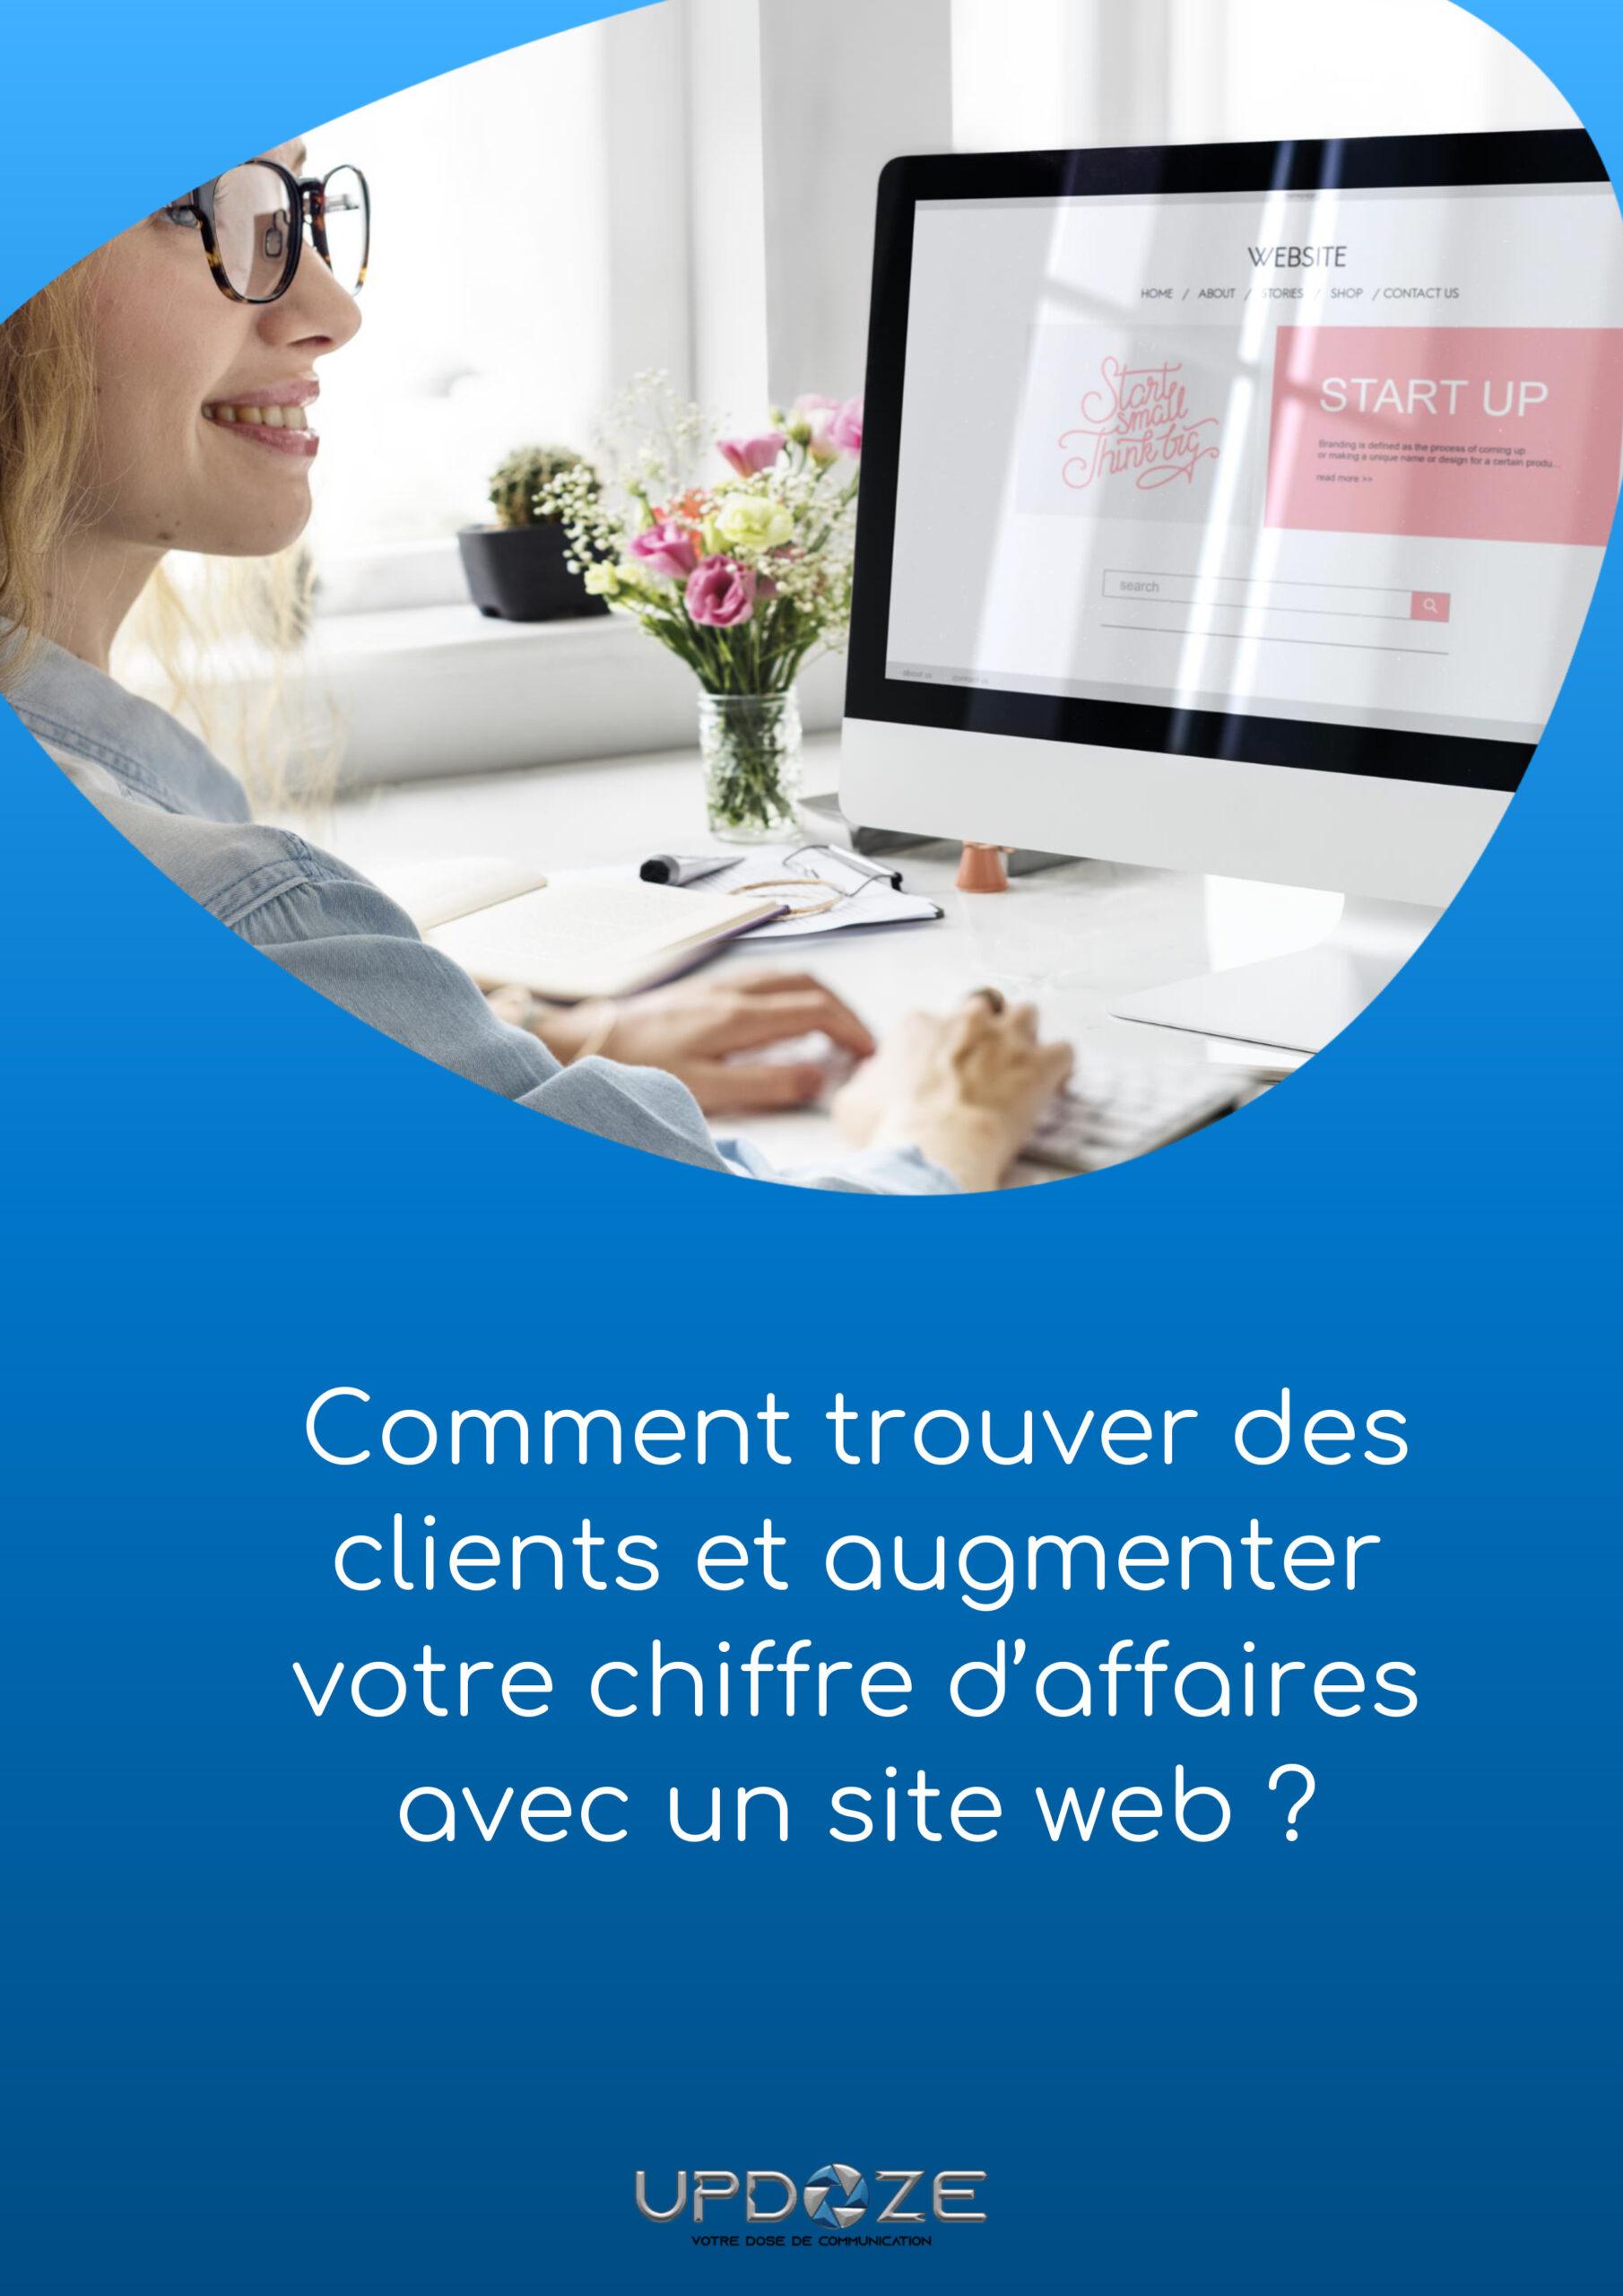 trouver de client sur le web